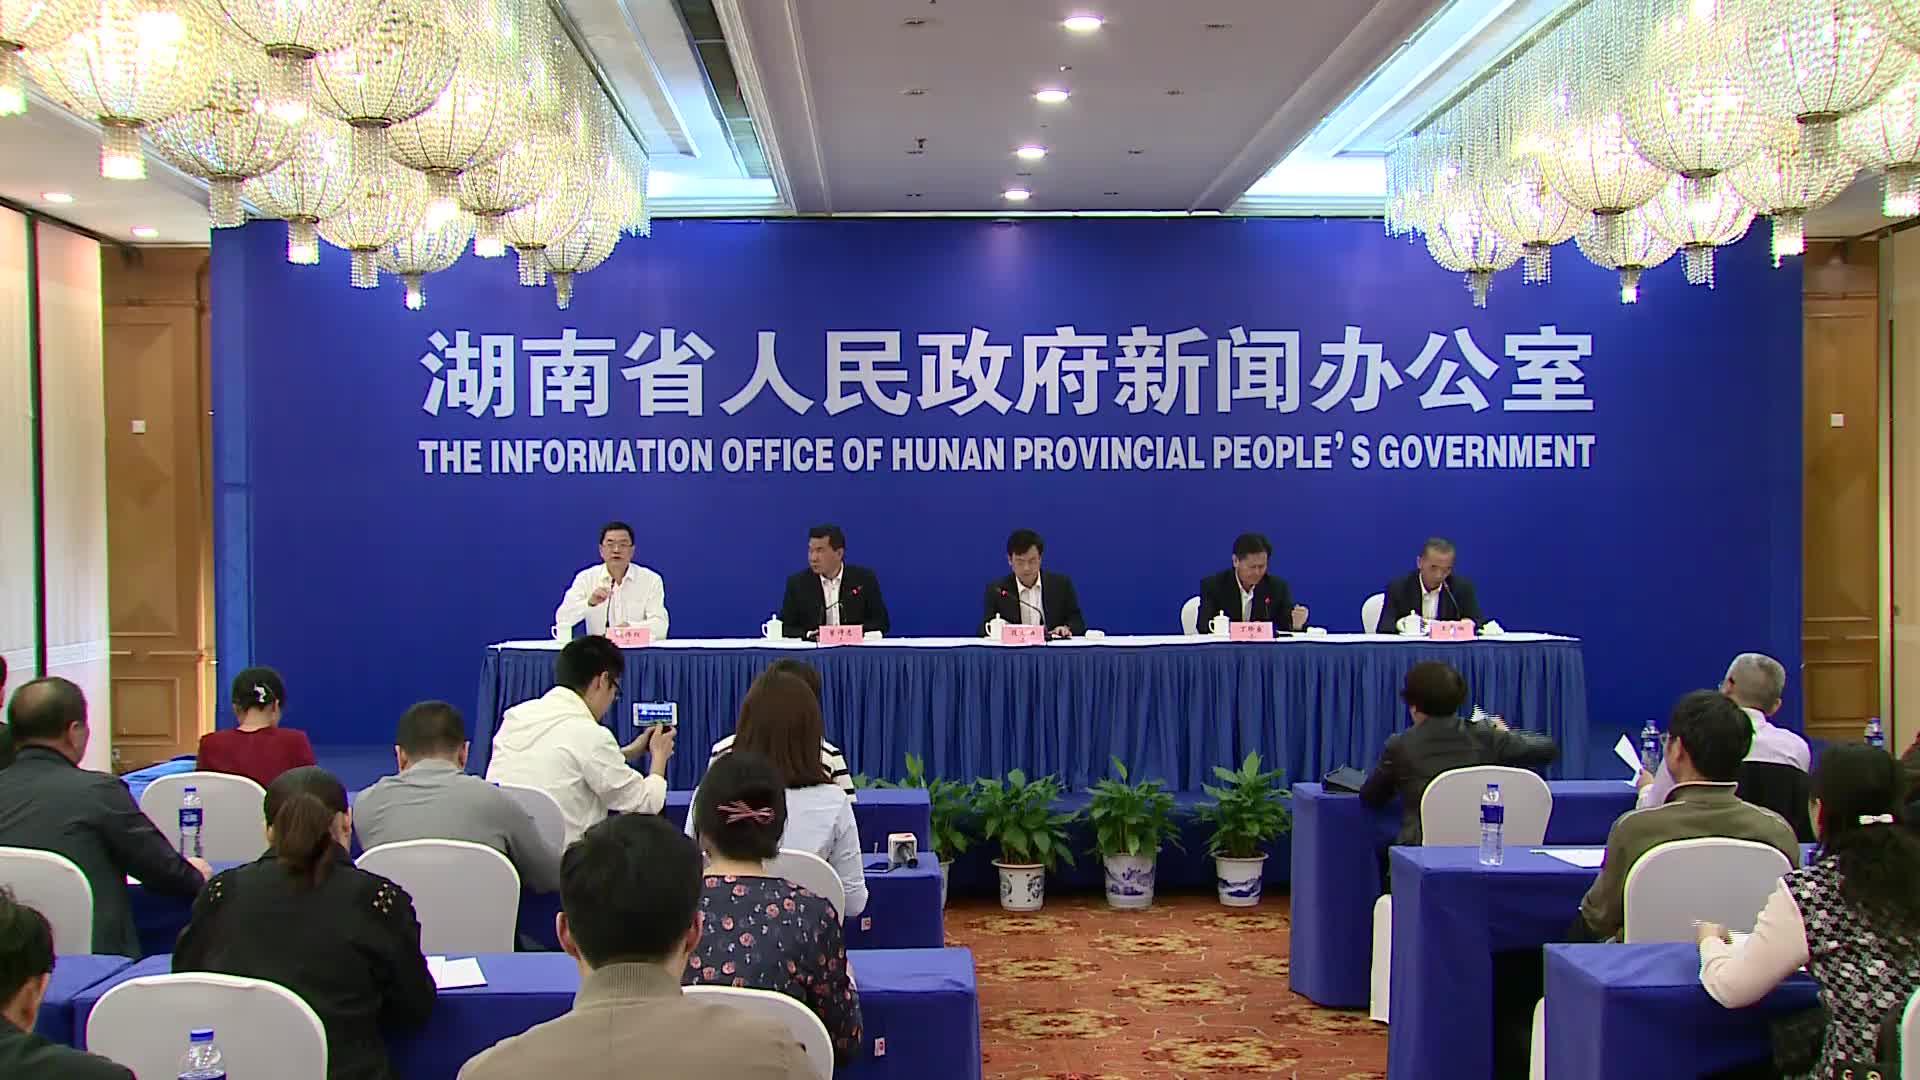 【全程回放】湖南省2017年度知识产权保护状况新闻发布会